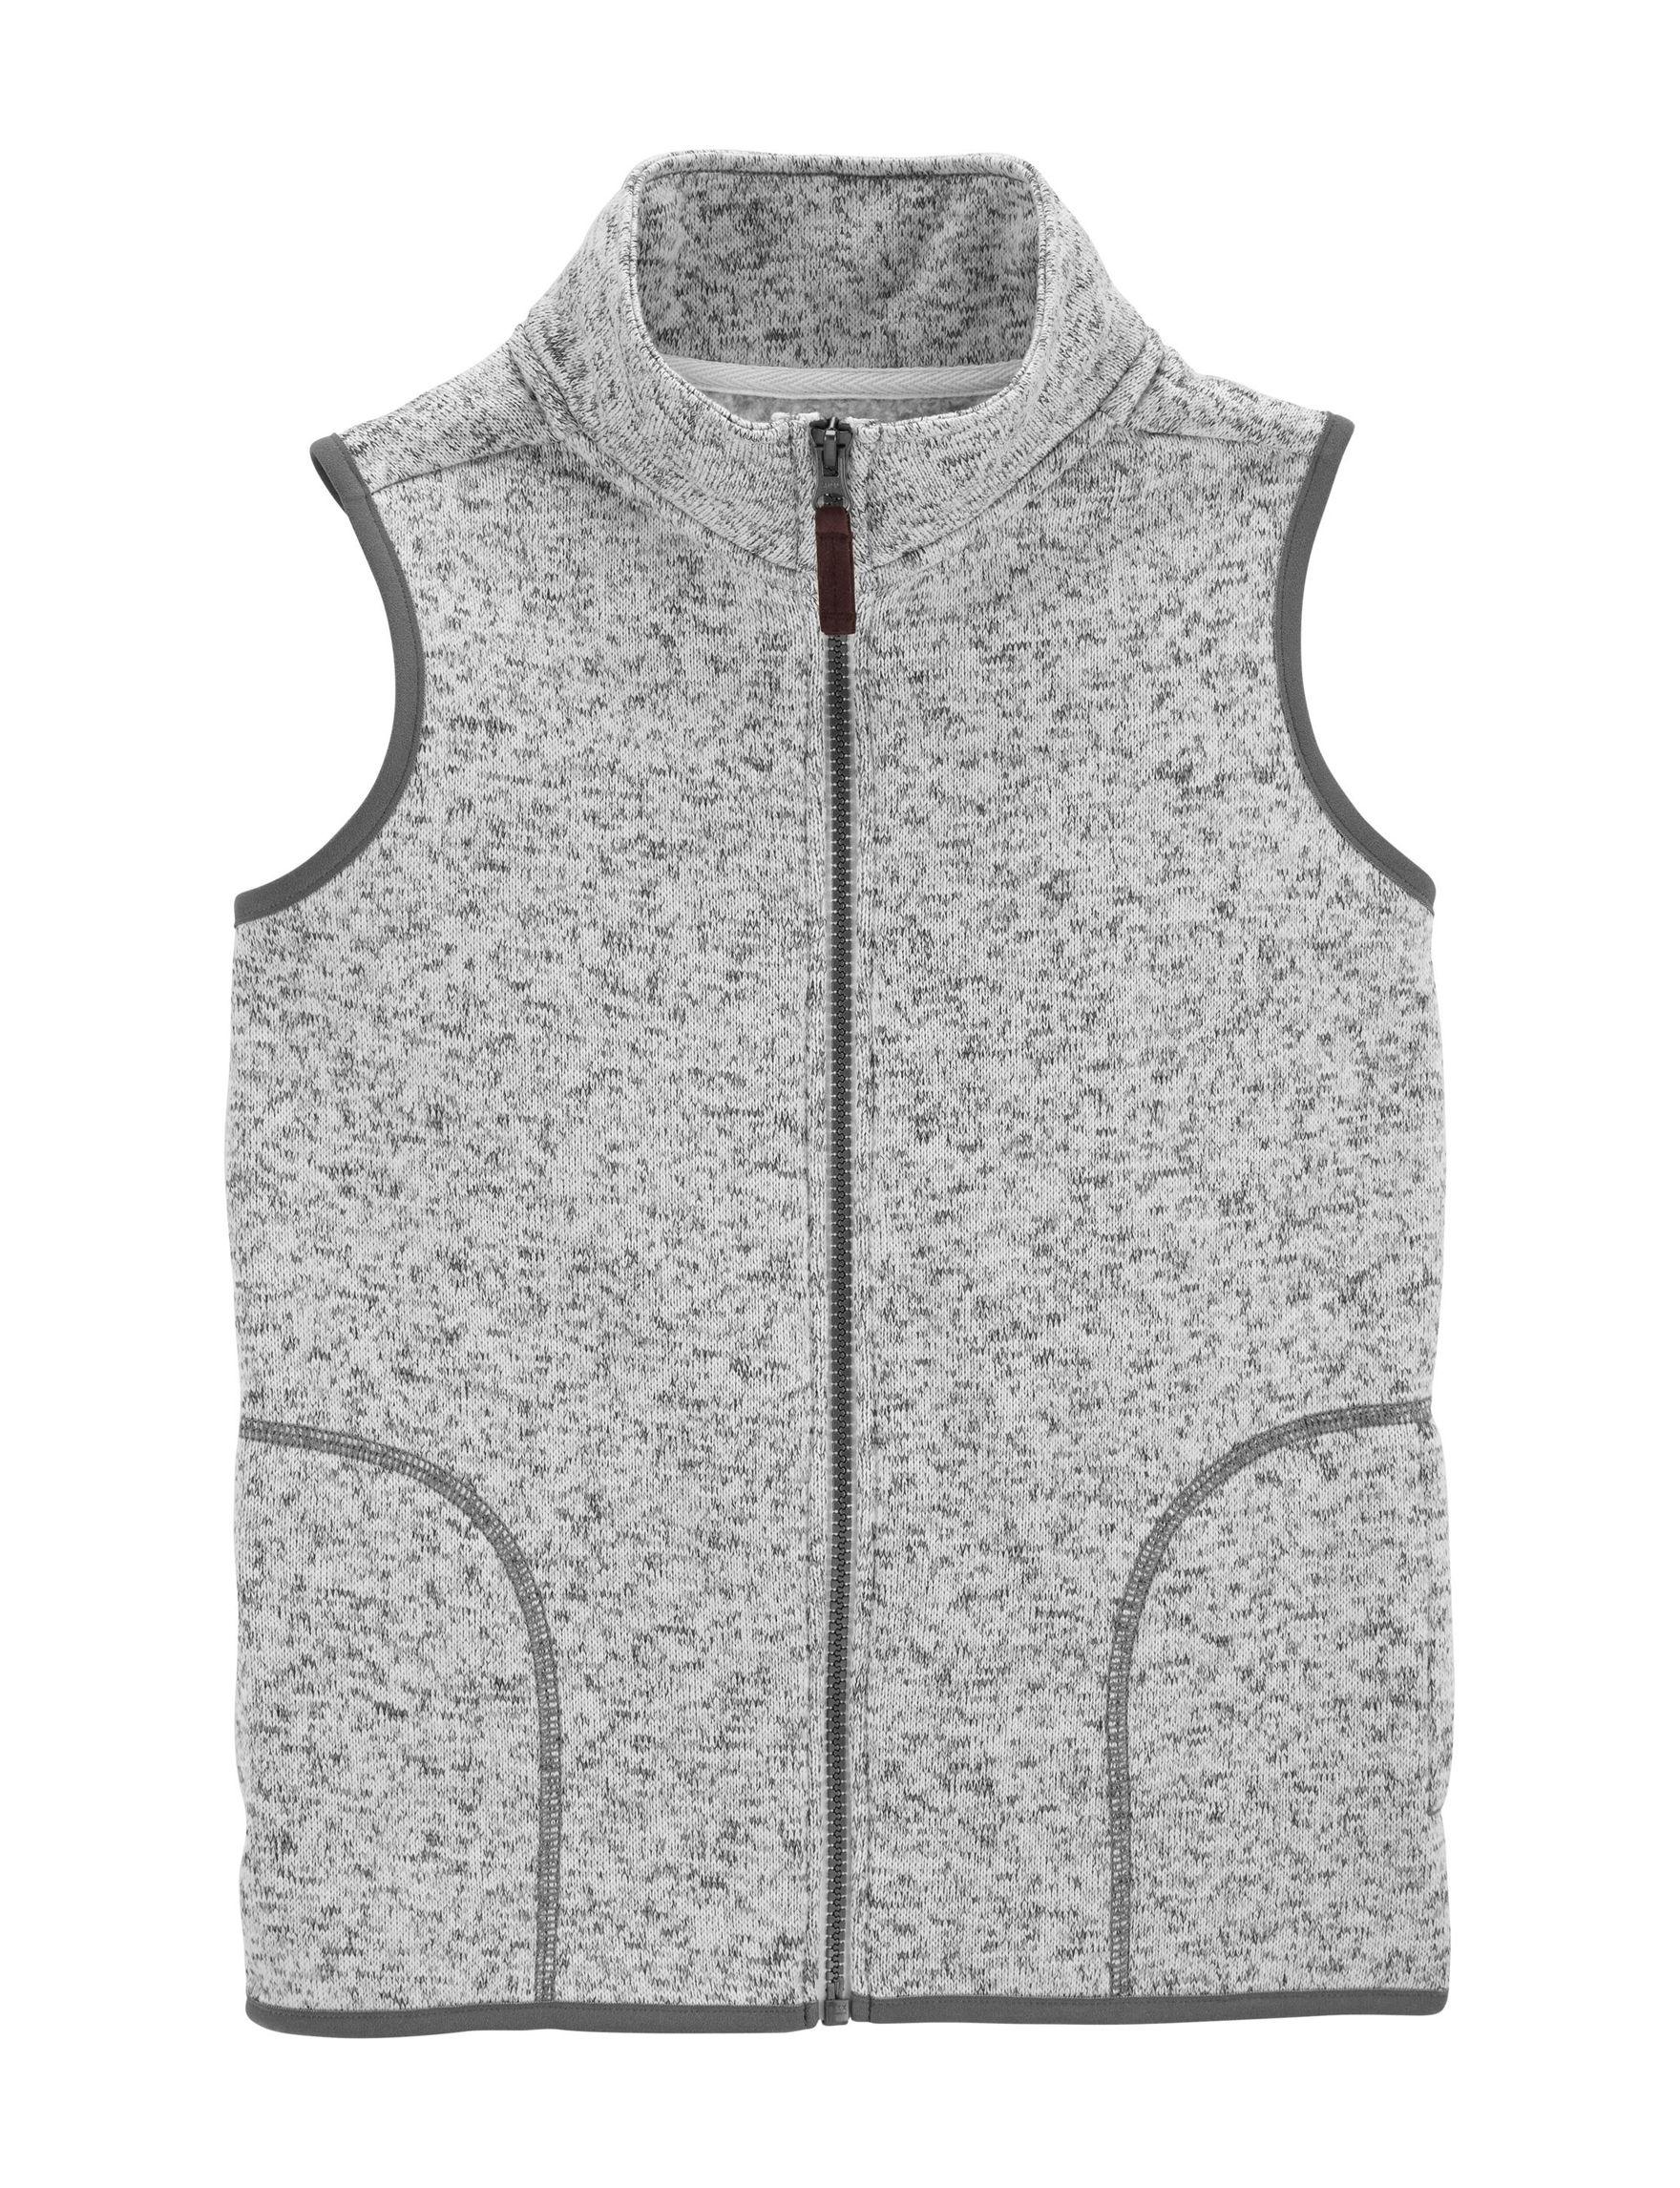 Carter's Grey Vests